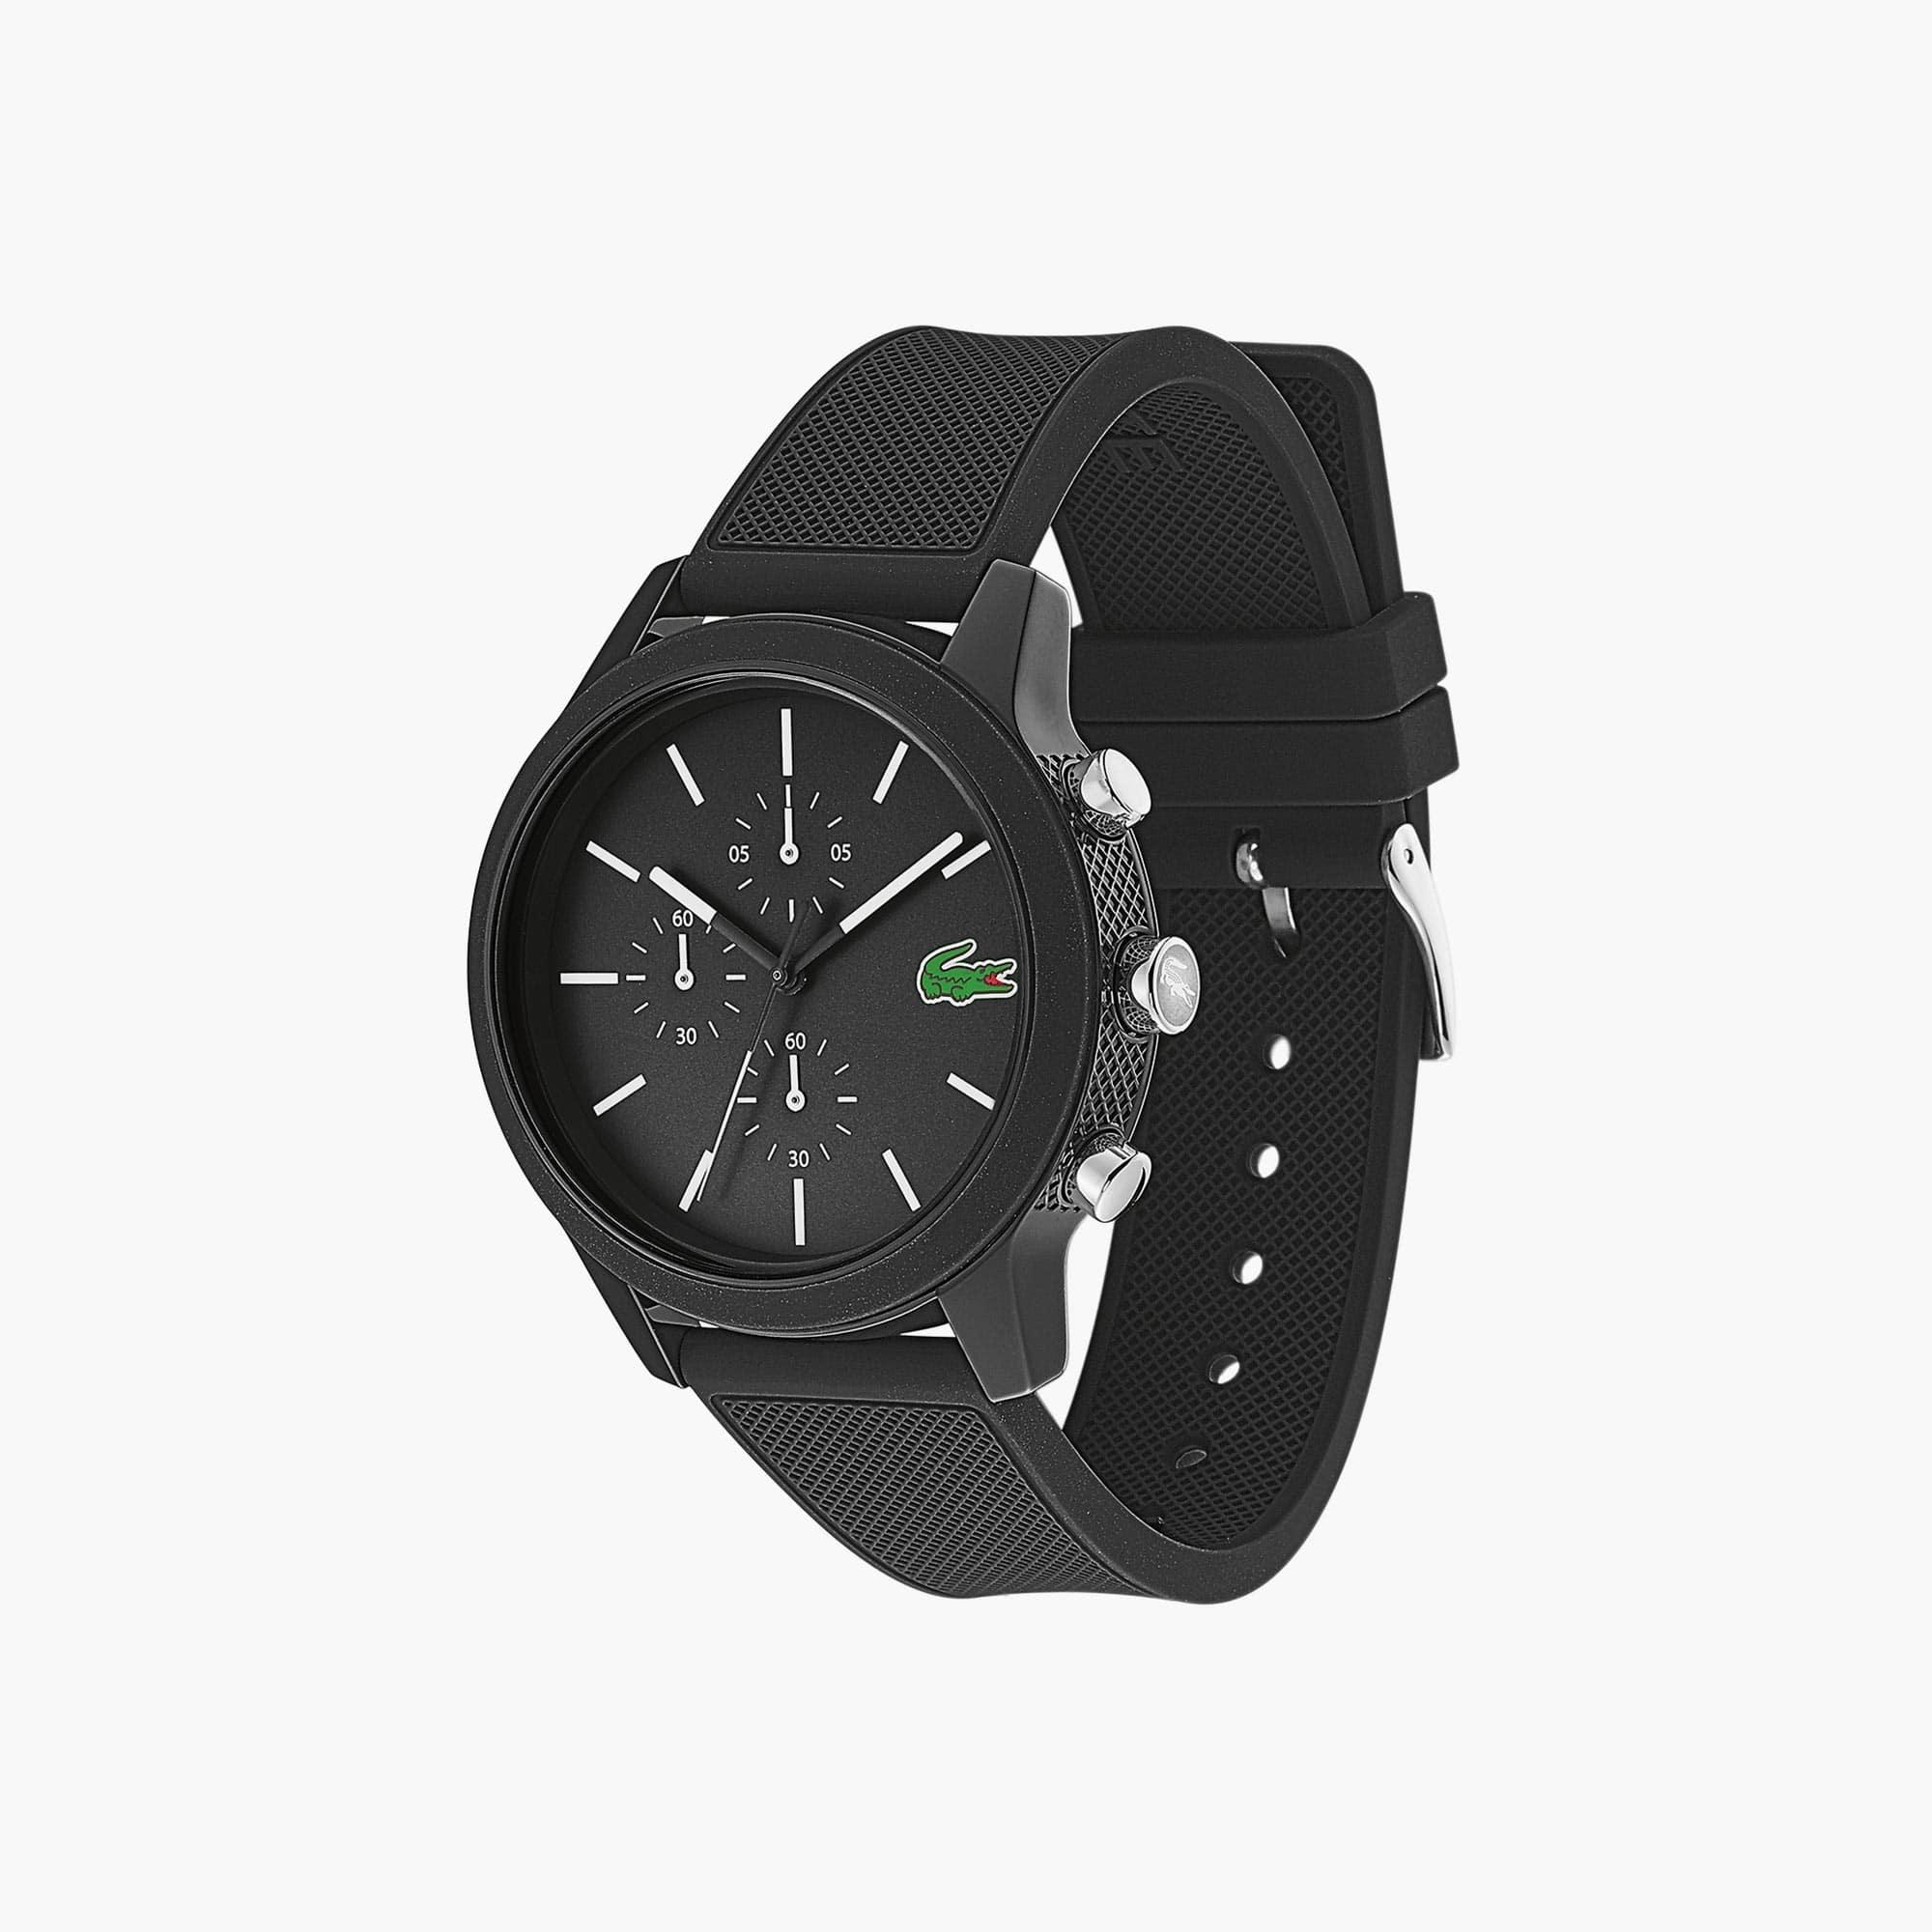 Montre Chronographe Lacoste12.12 Homme avec Bracelet Noir en Silicone